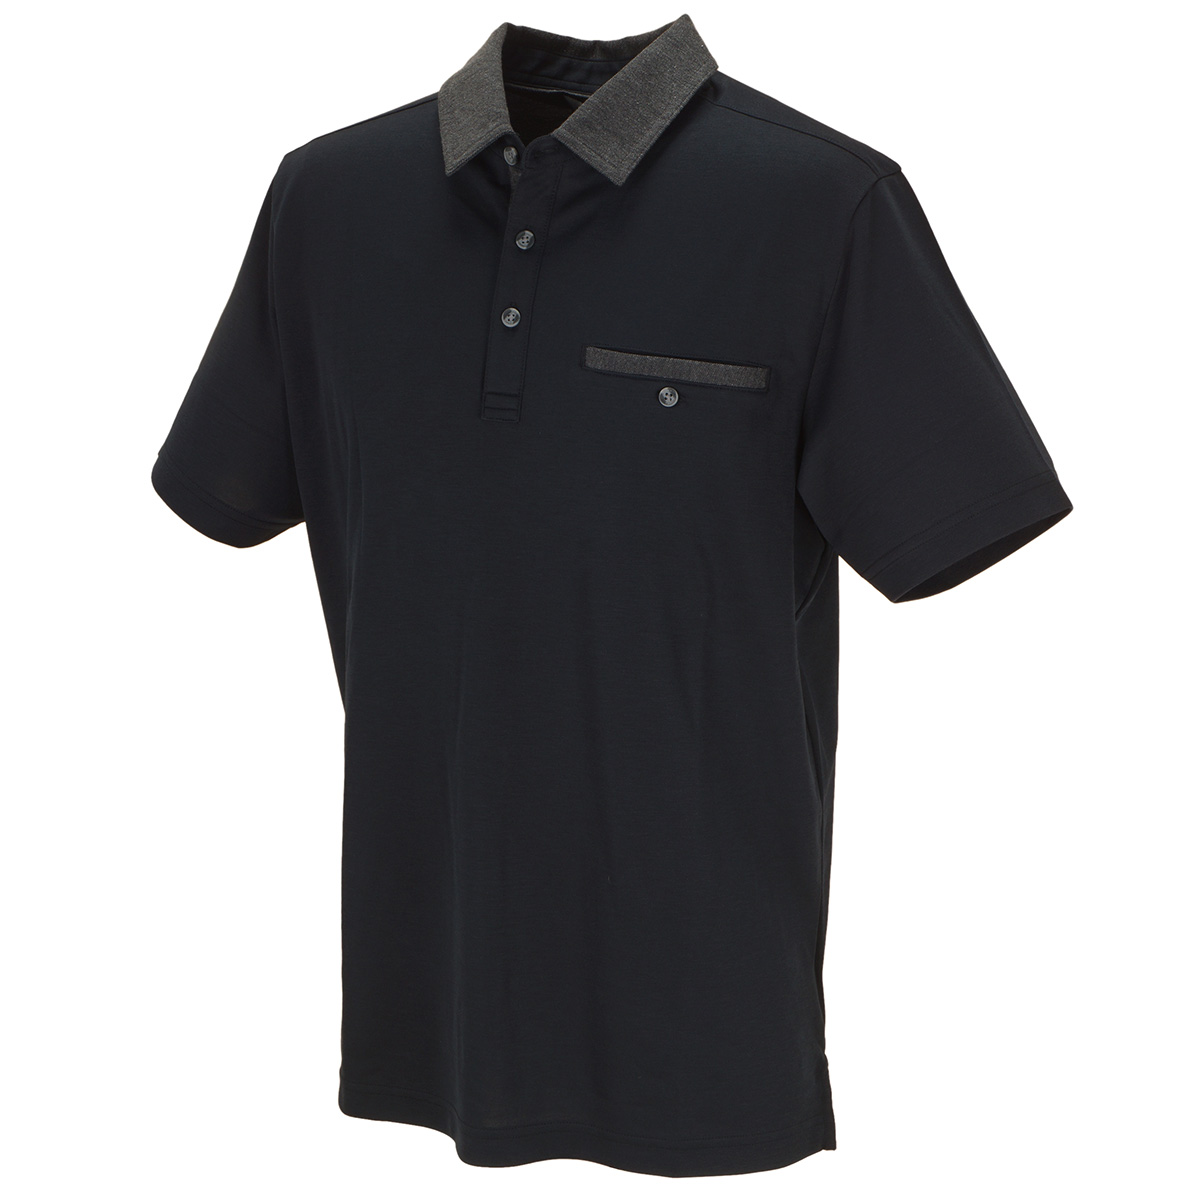 EMPORIUM 半袖ポロシャツ